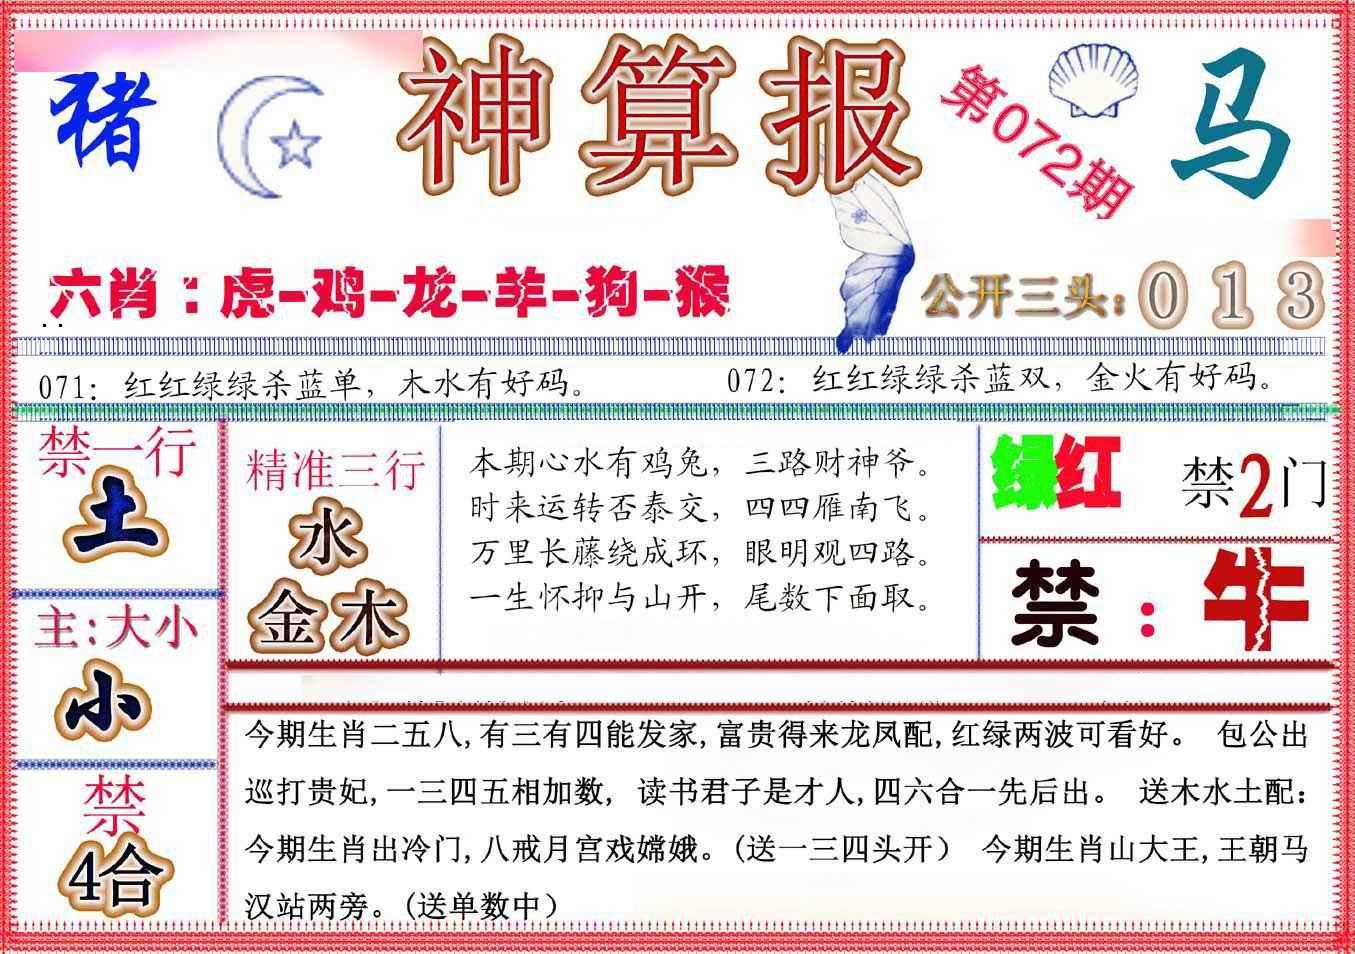 072期神算报(新版)